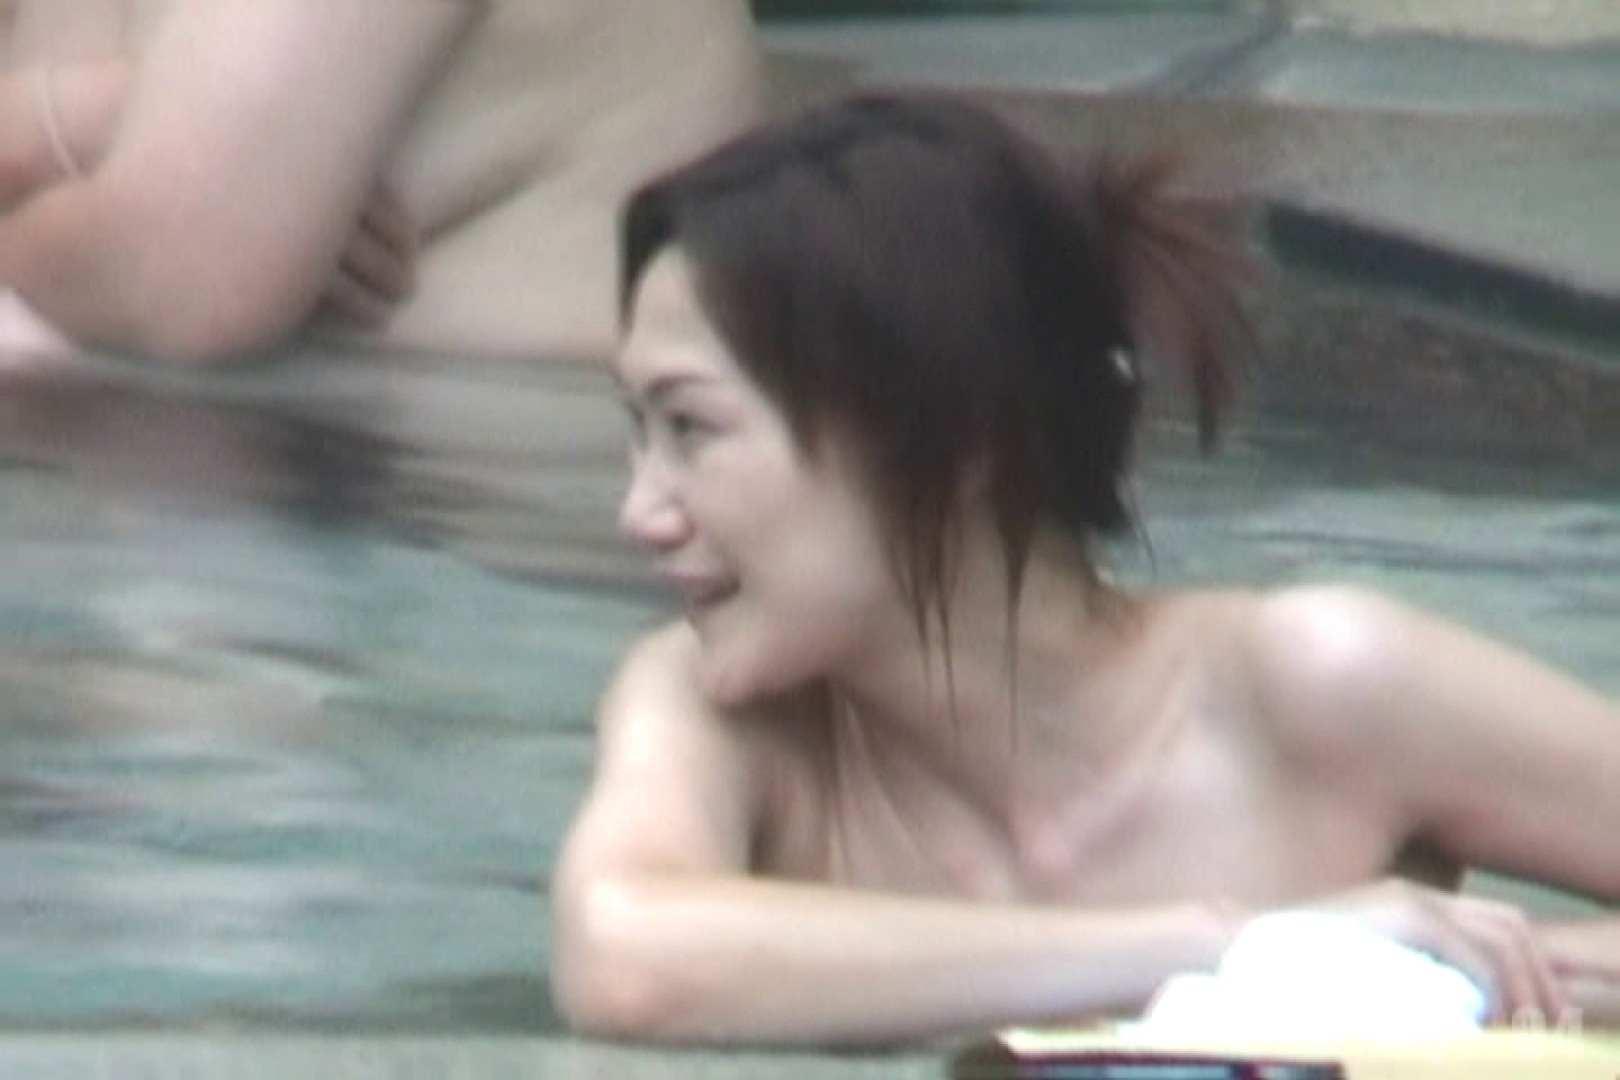 Aquaな露天風呂Vol.739 美しいOLの裸体 隠し撮りオマンコ動画紹介 88pic 68